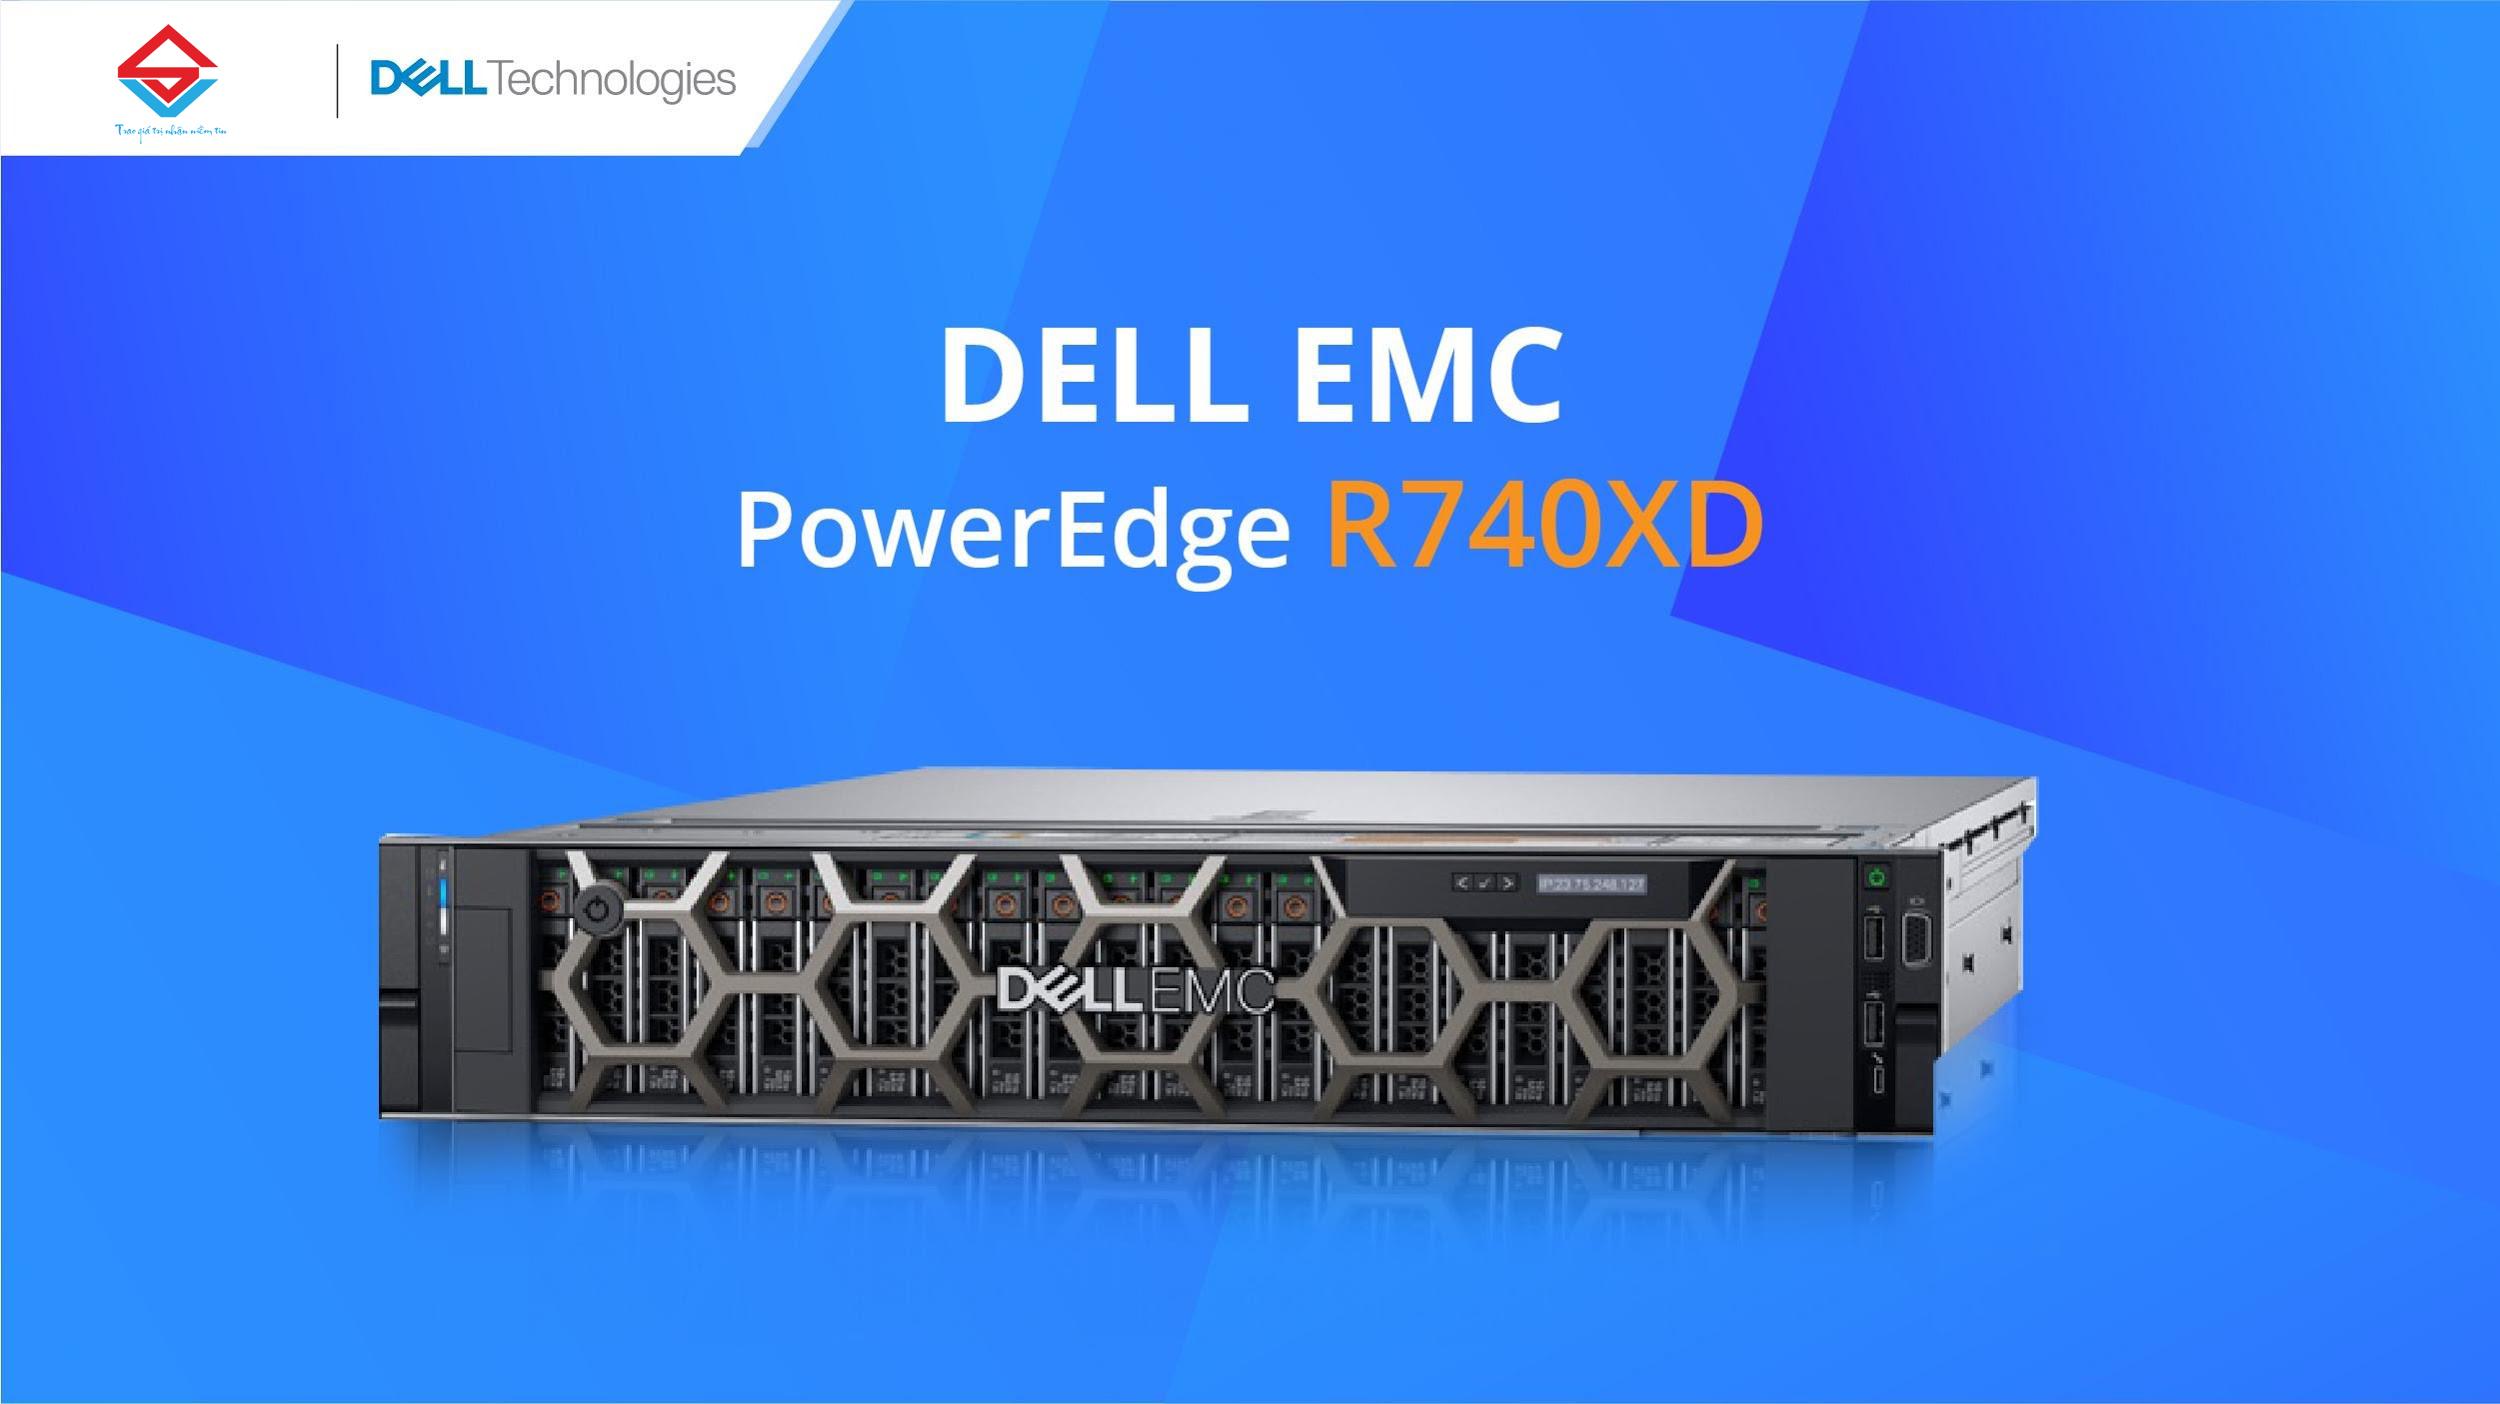 """Máy chủ Dell EMC PowerEdge R740xd - Khả năng nâng cấp và lưu trữ """"khủng"""""""